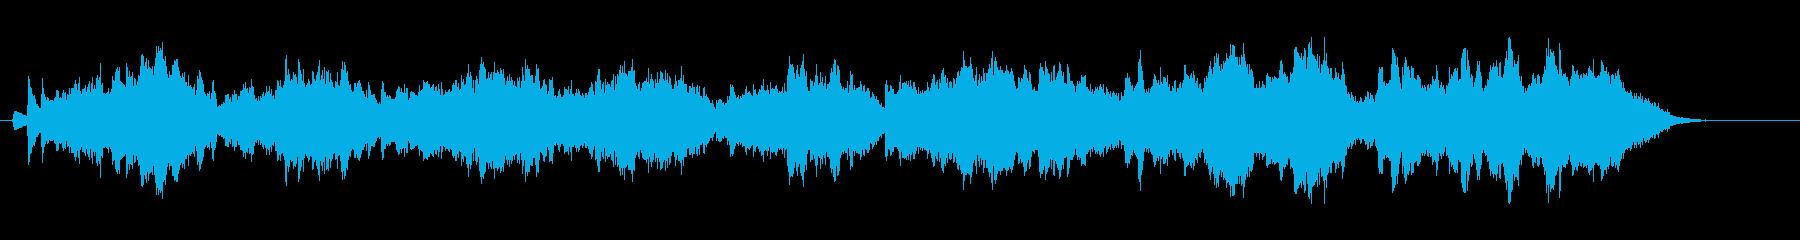 オペラ風ストリングス&ハープ伴奏の再生済みの波形